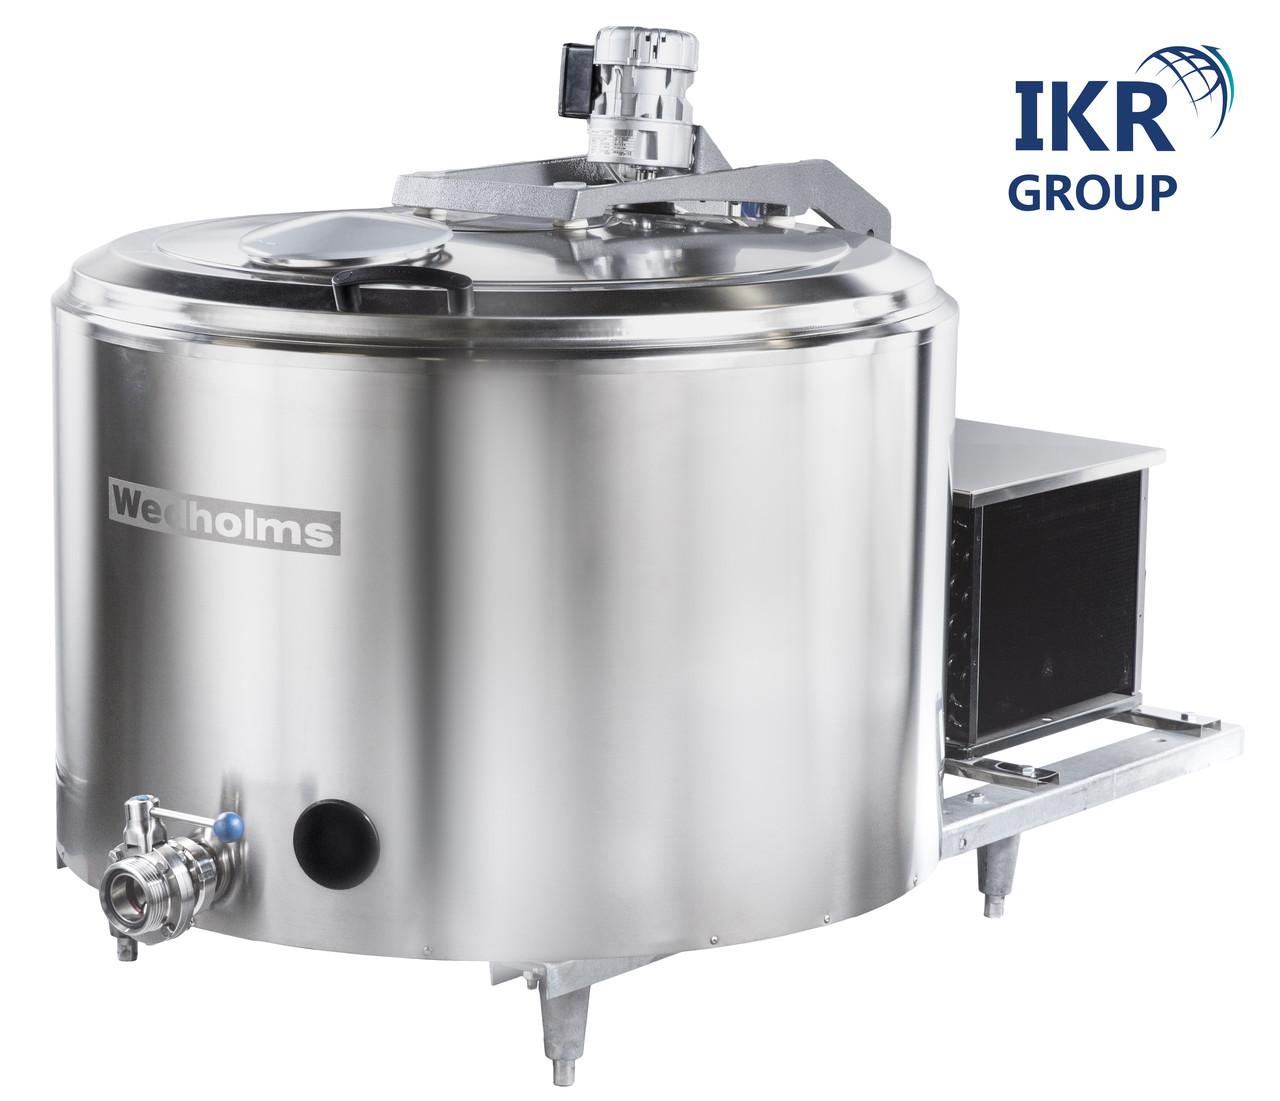 Охладитель молока новый Wedholms объемом 400 литров / Охолоджувач молока